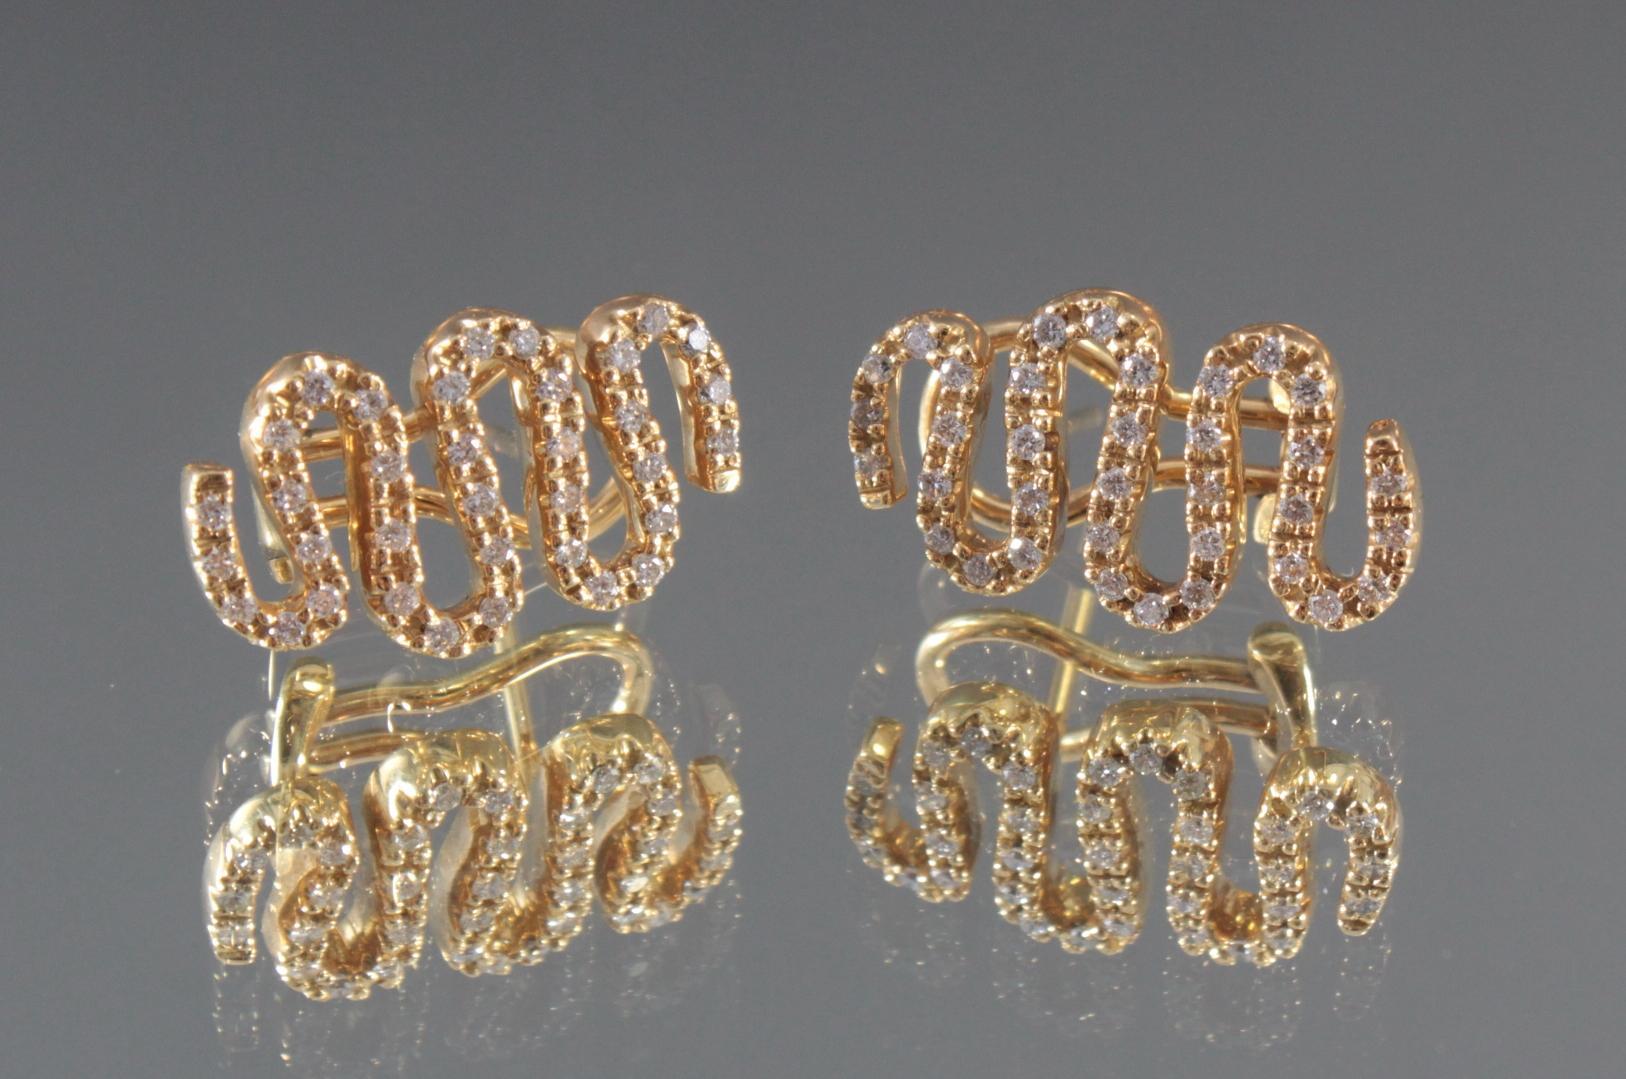 Paar Ohrringe mit Diamanten aus 18 Karat Gelbgold